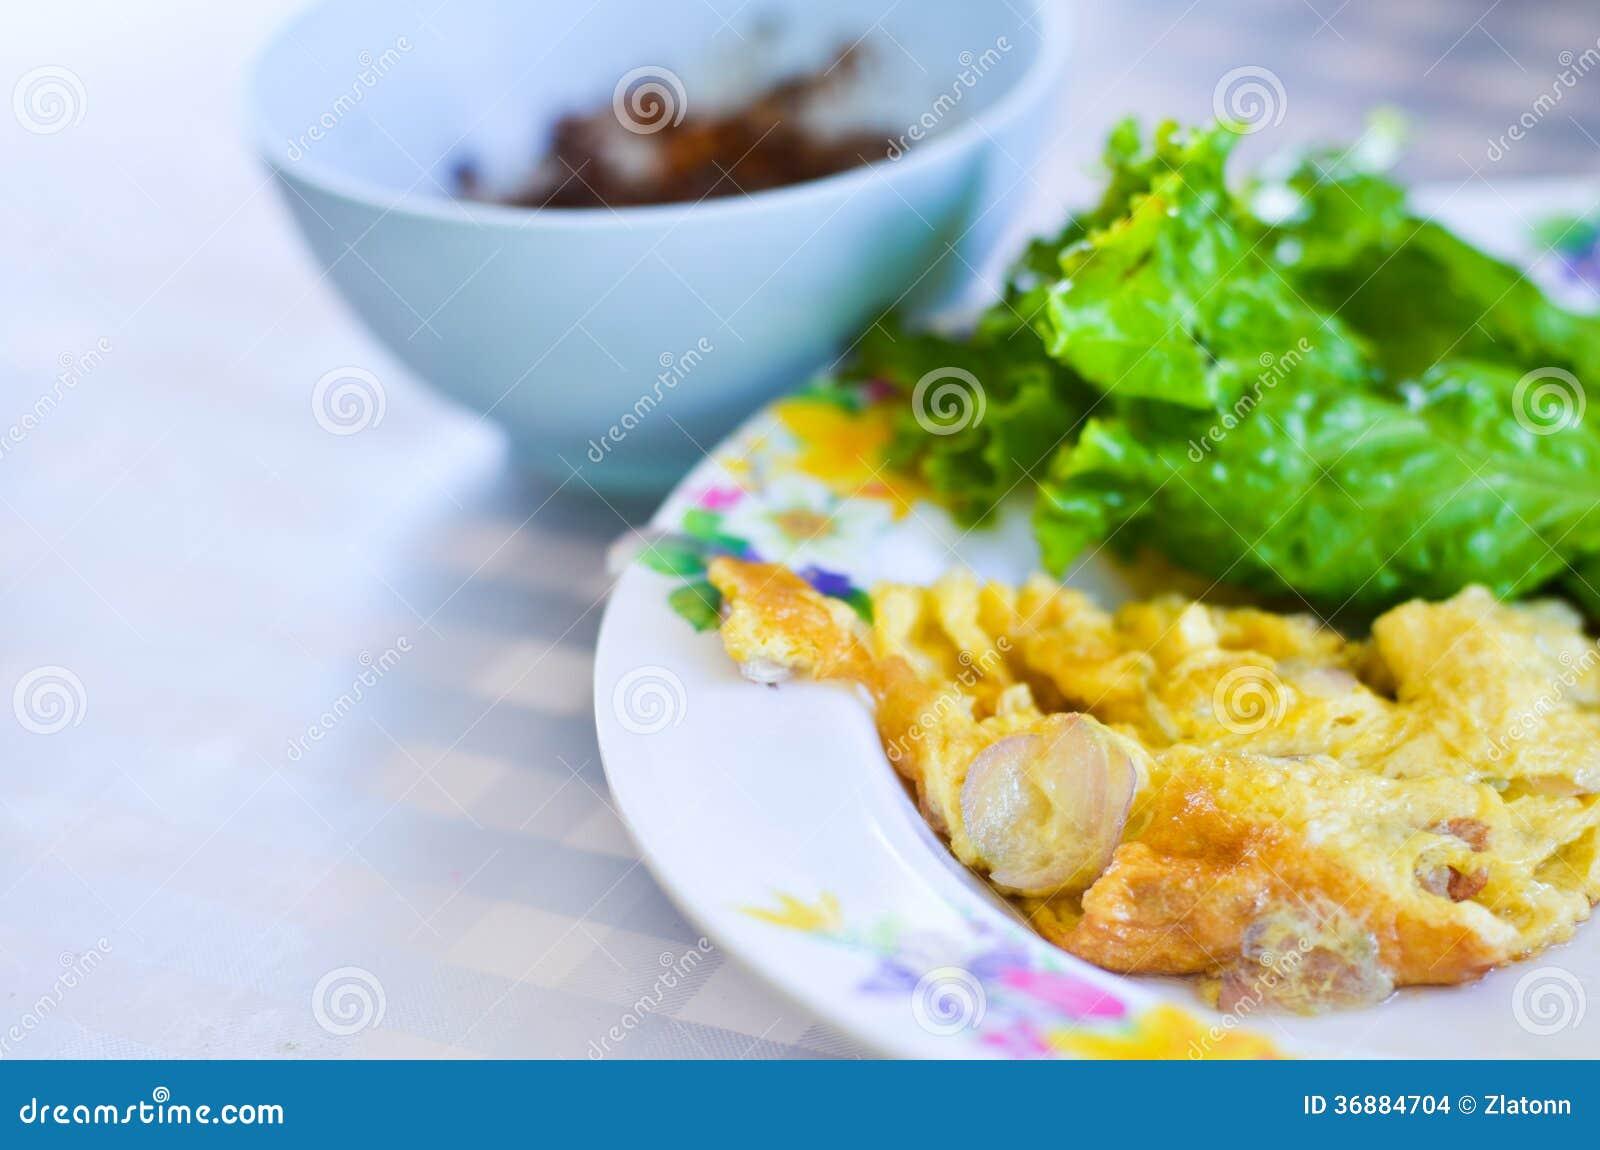 Download Omelette fotografia stock. Immagine di gourmet, breakfast - 36884704